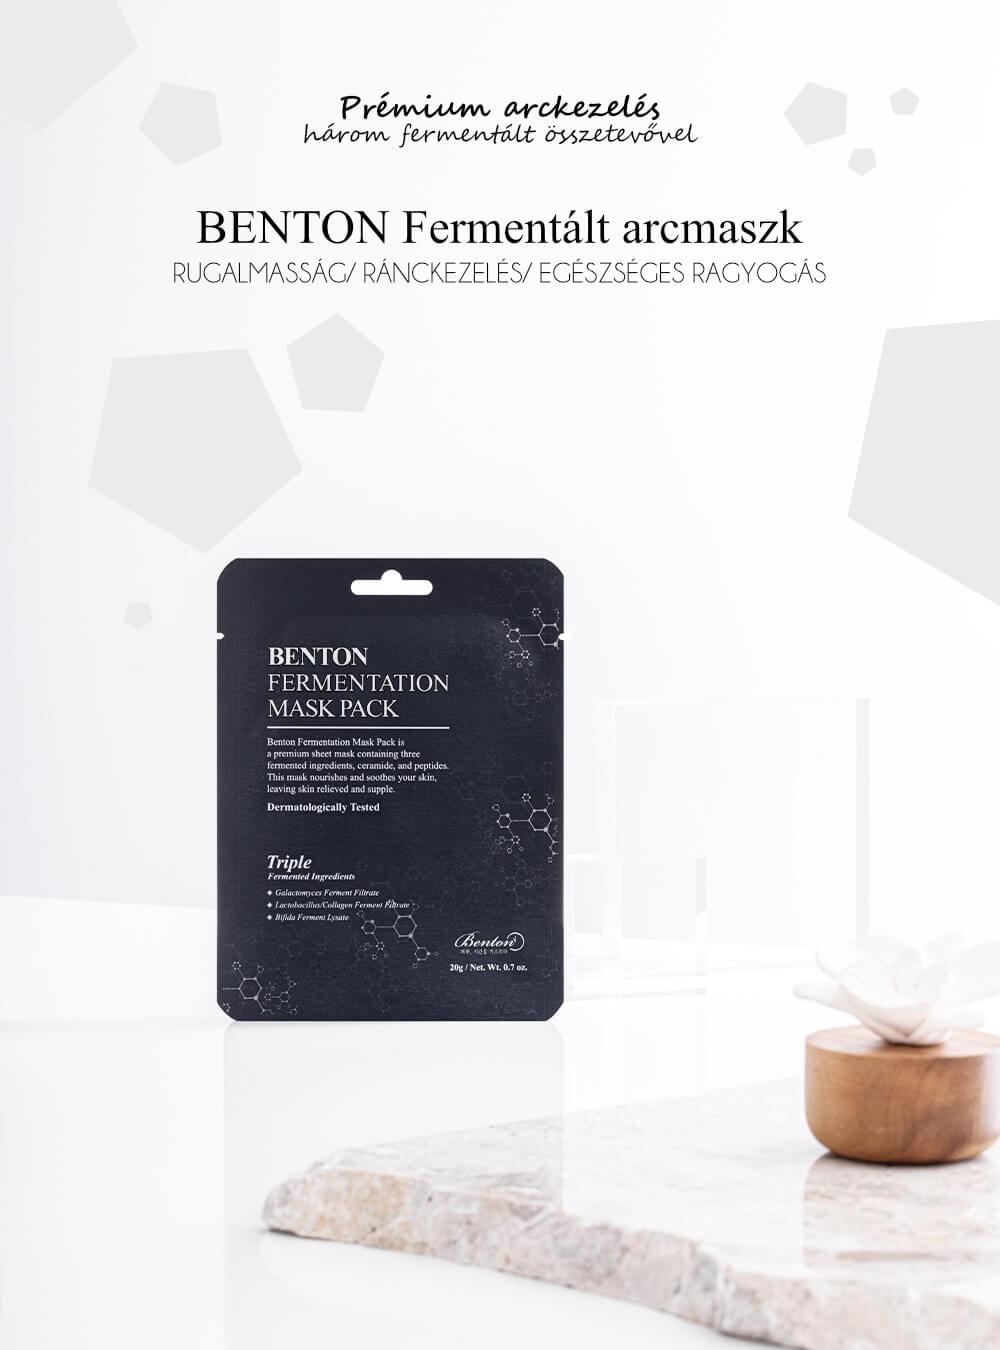 Benton-fermentalt-arcmaszk-leiras